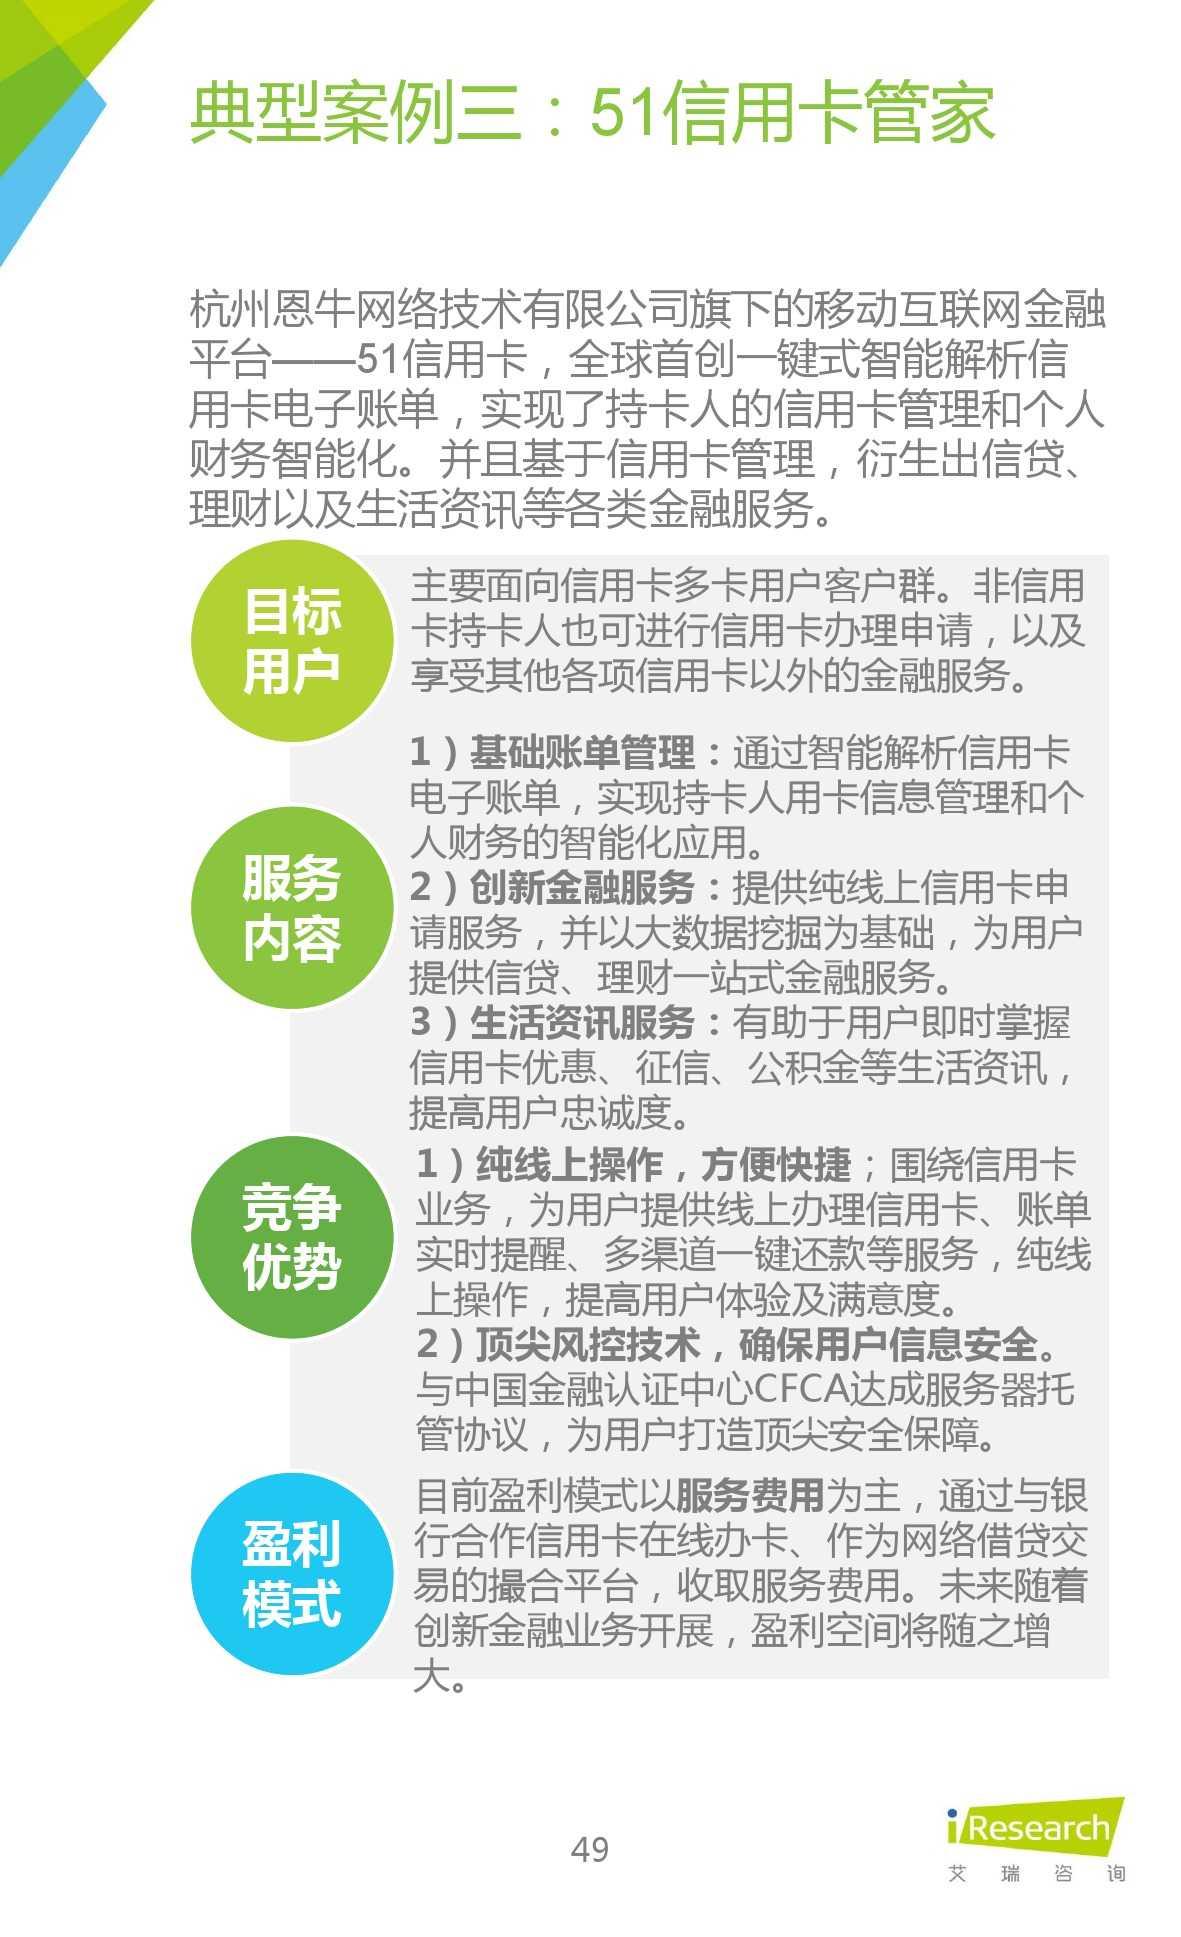 2015年中国生活理财移动App行业研究报告_000049